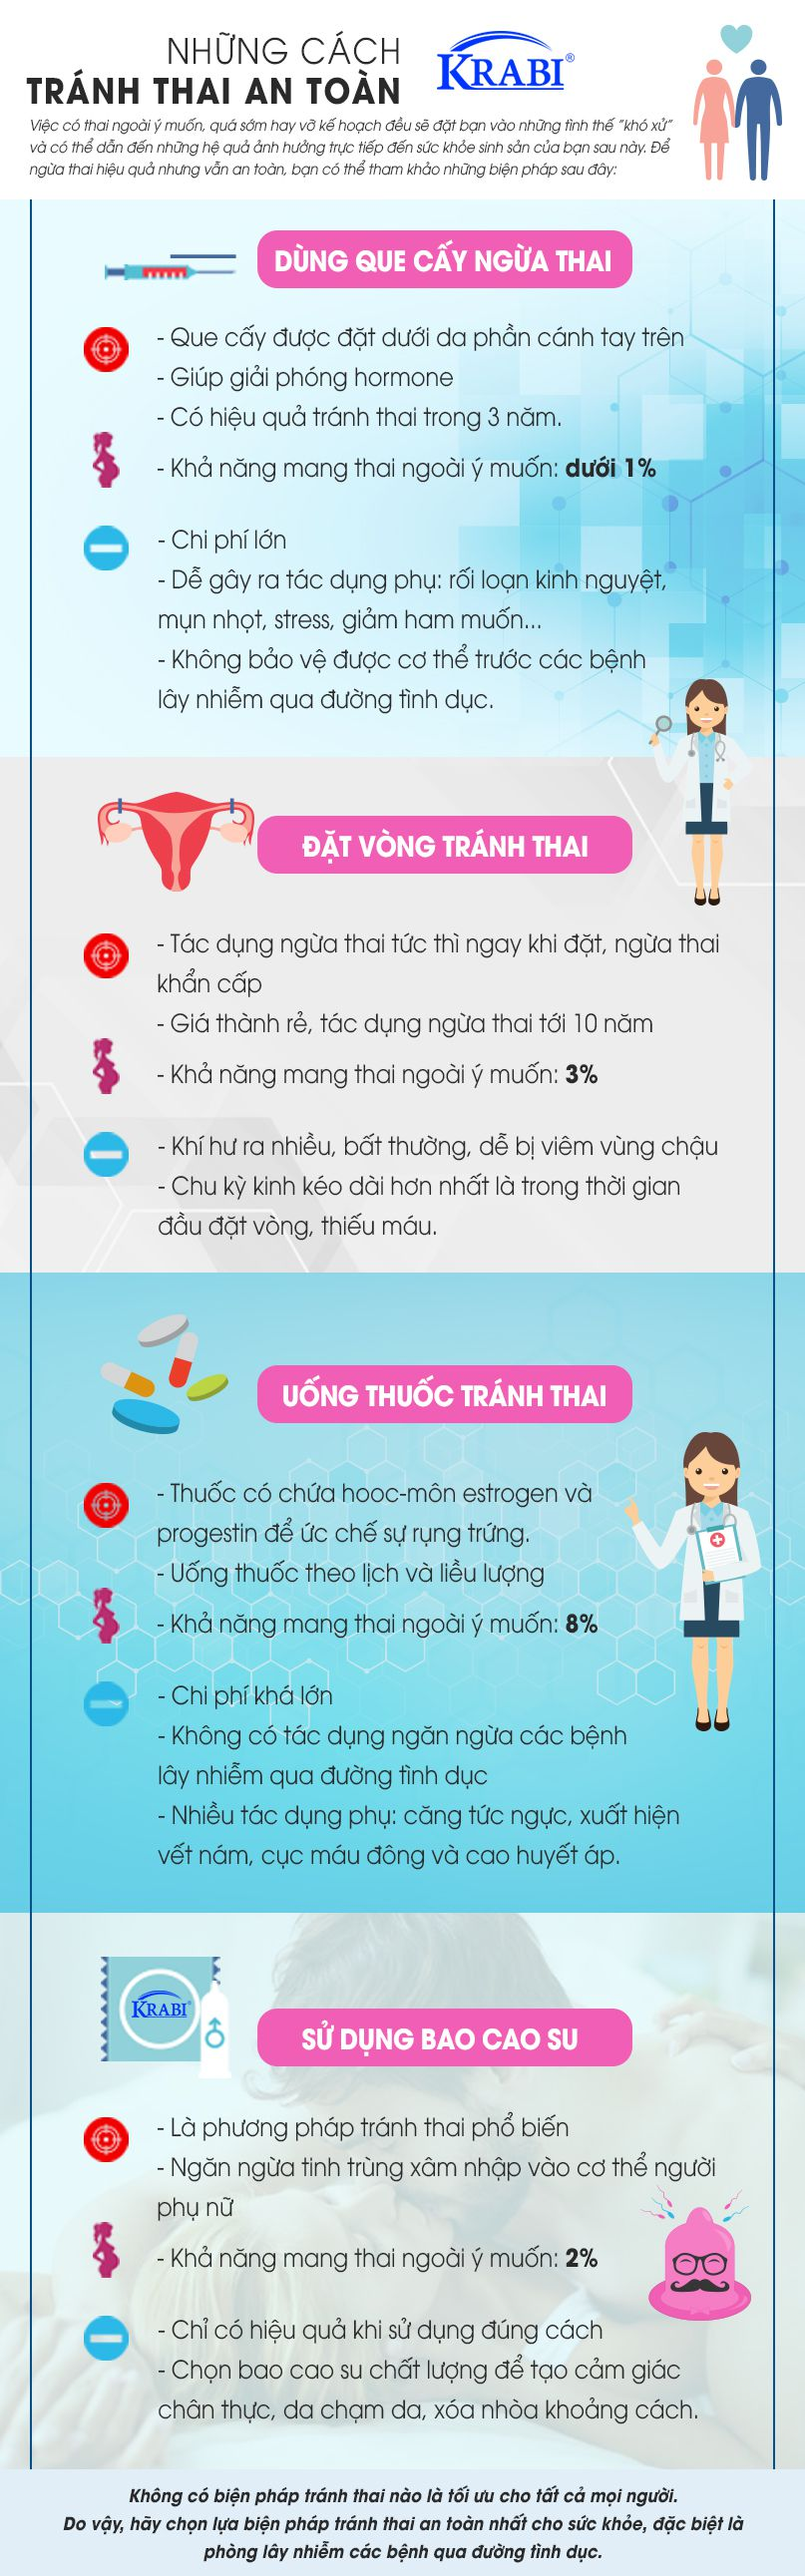 [Infographic] Làm thế nào để tránh thai an toàn và hiệu quả?